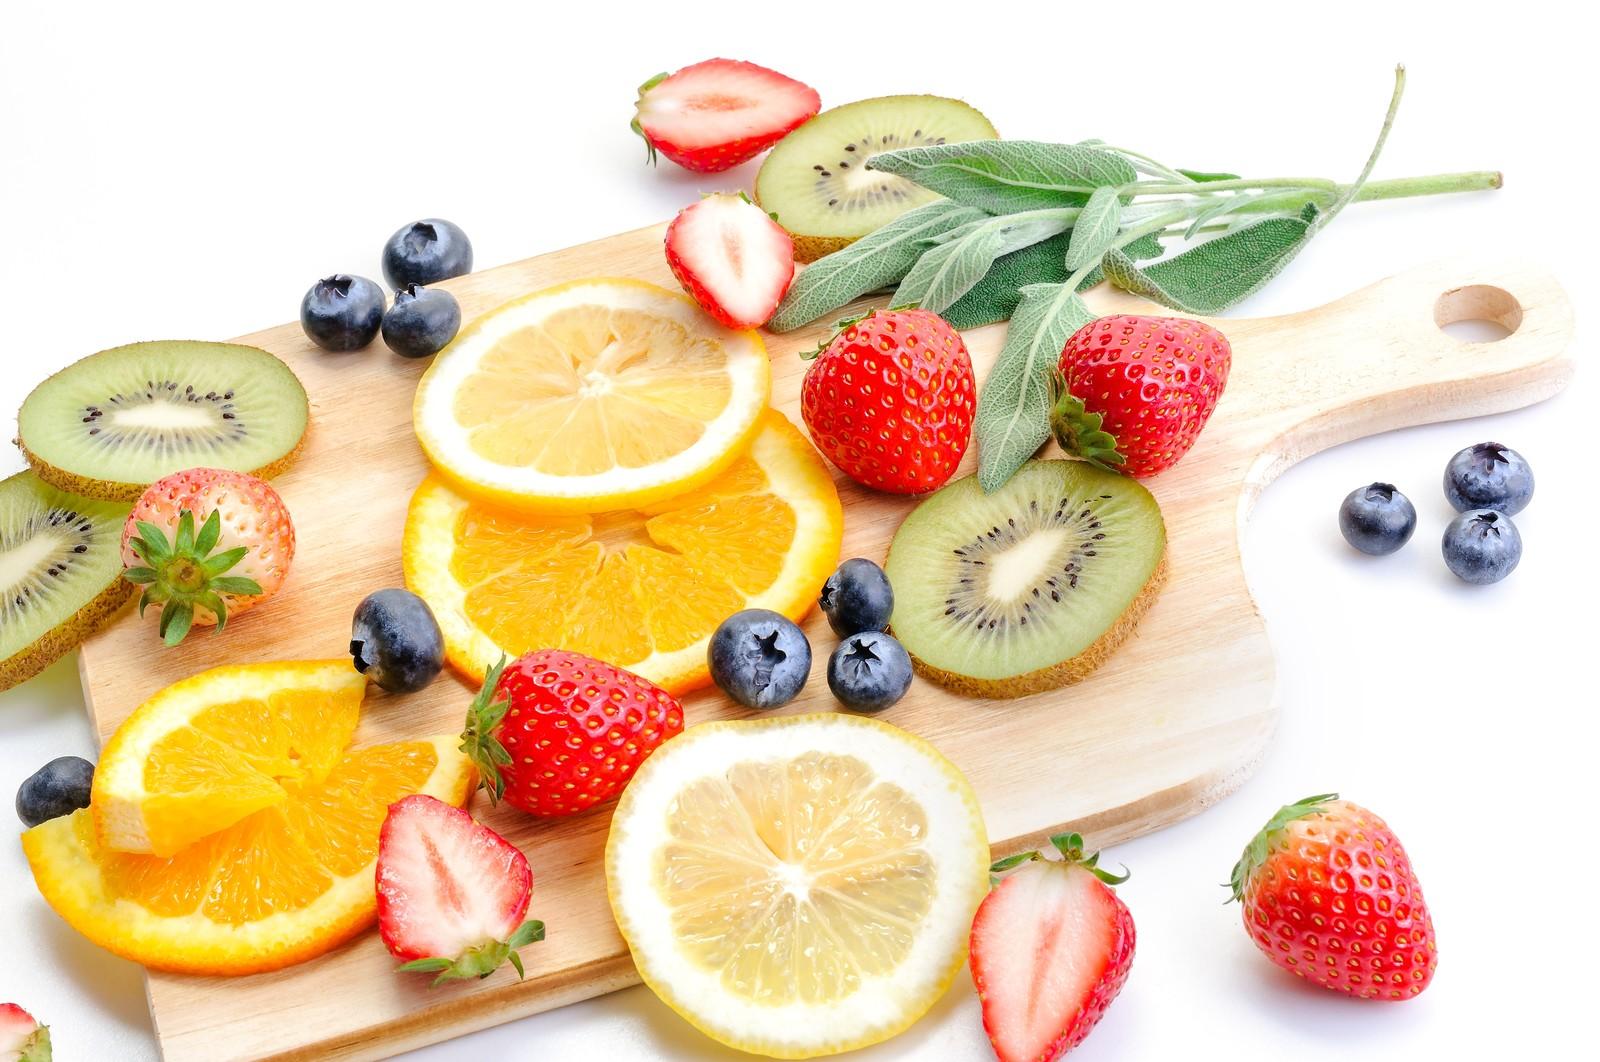 健康に効果あり!?果実酢使ったレシピを紹介!